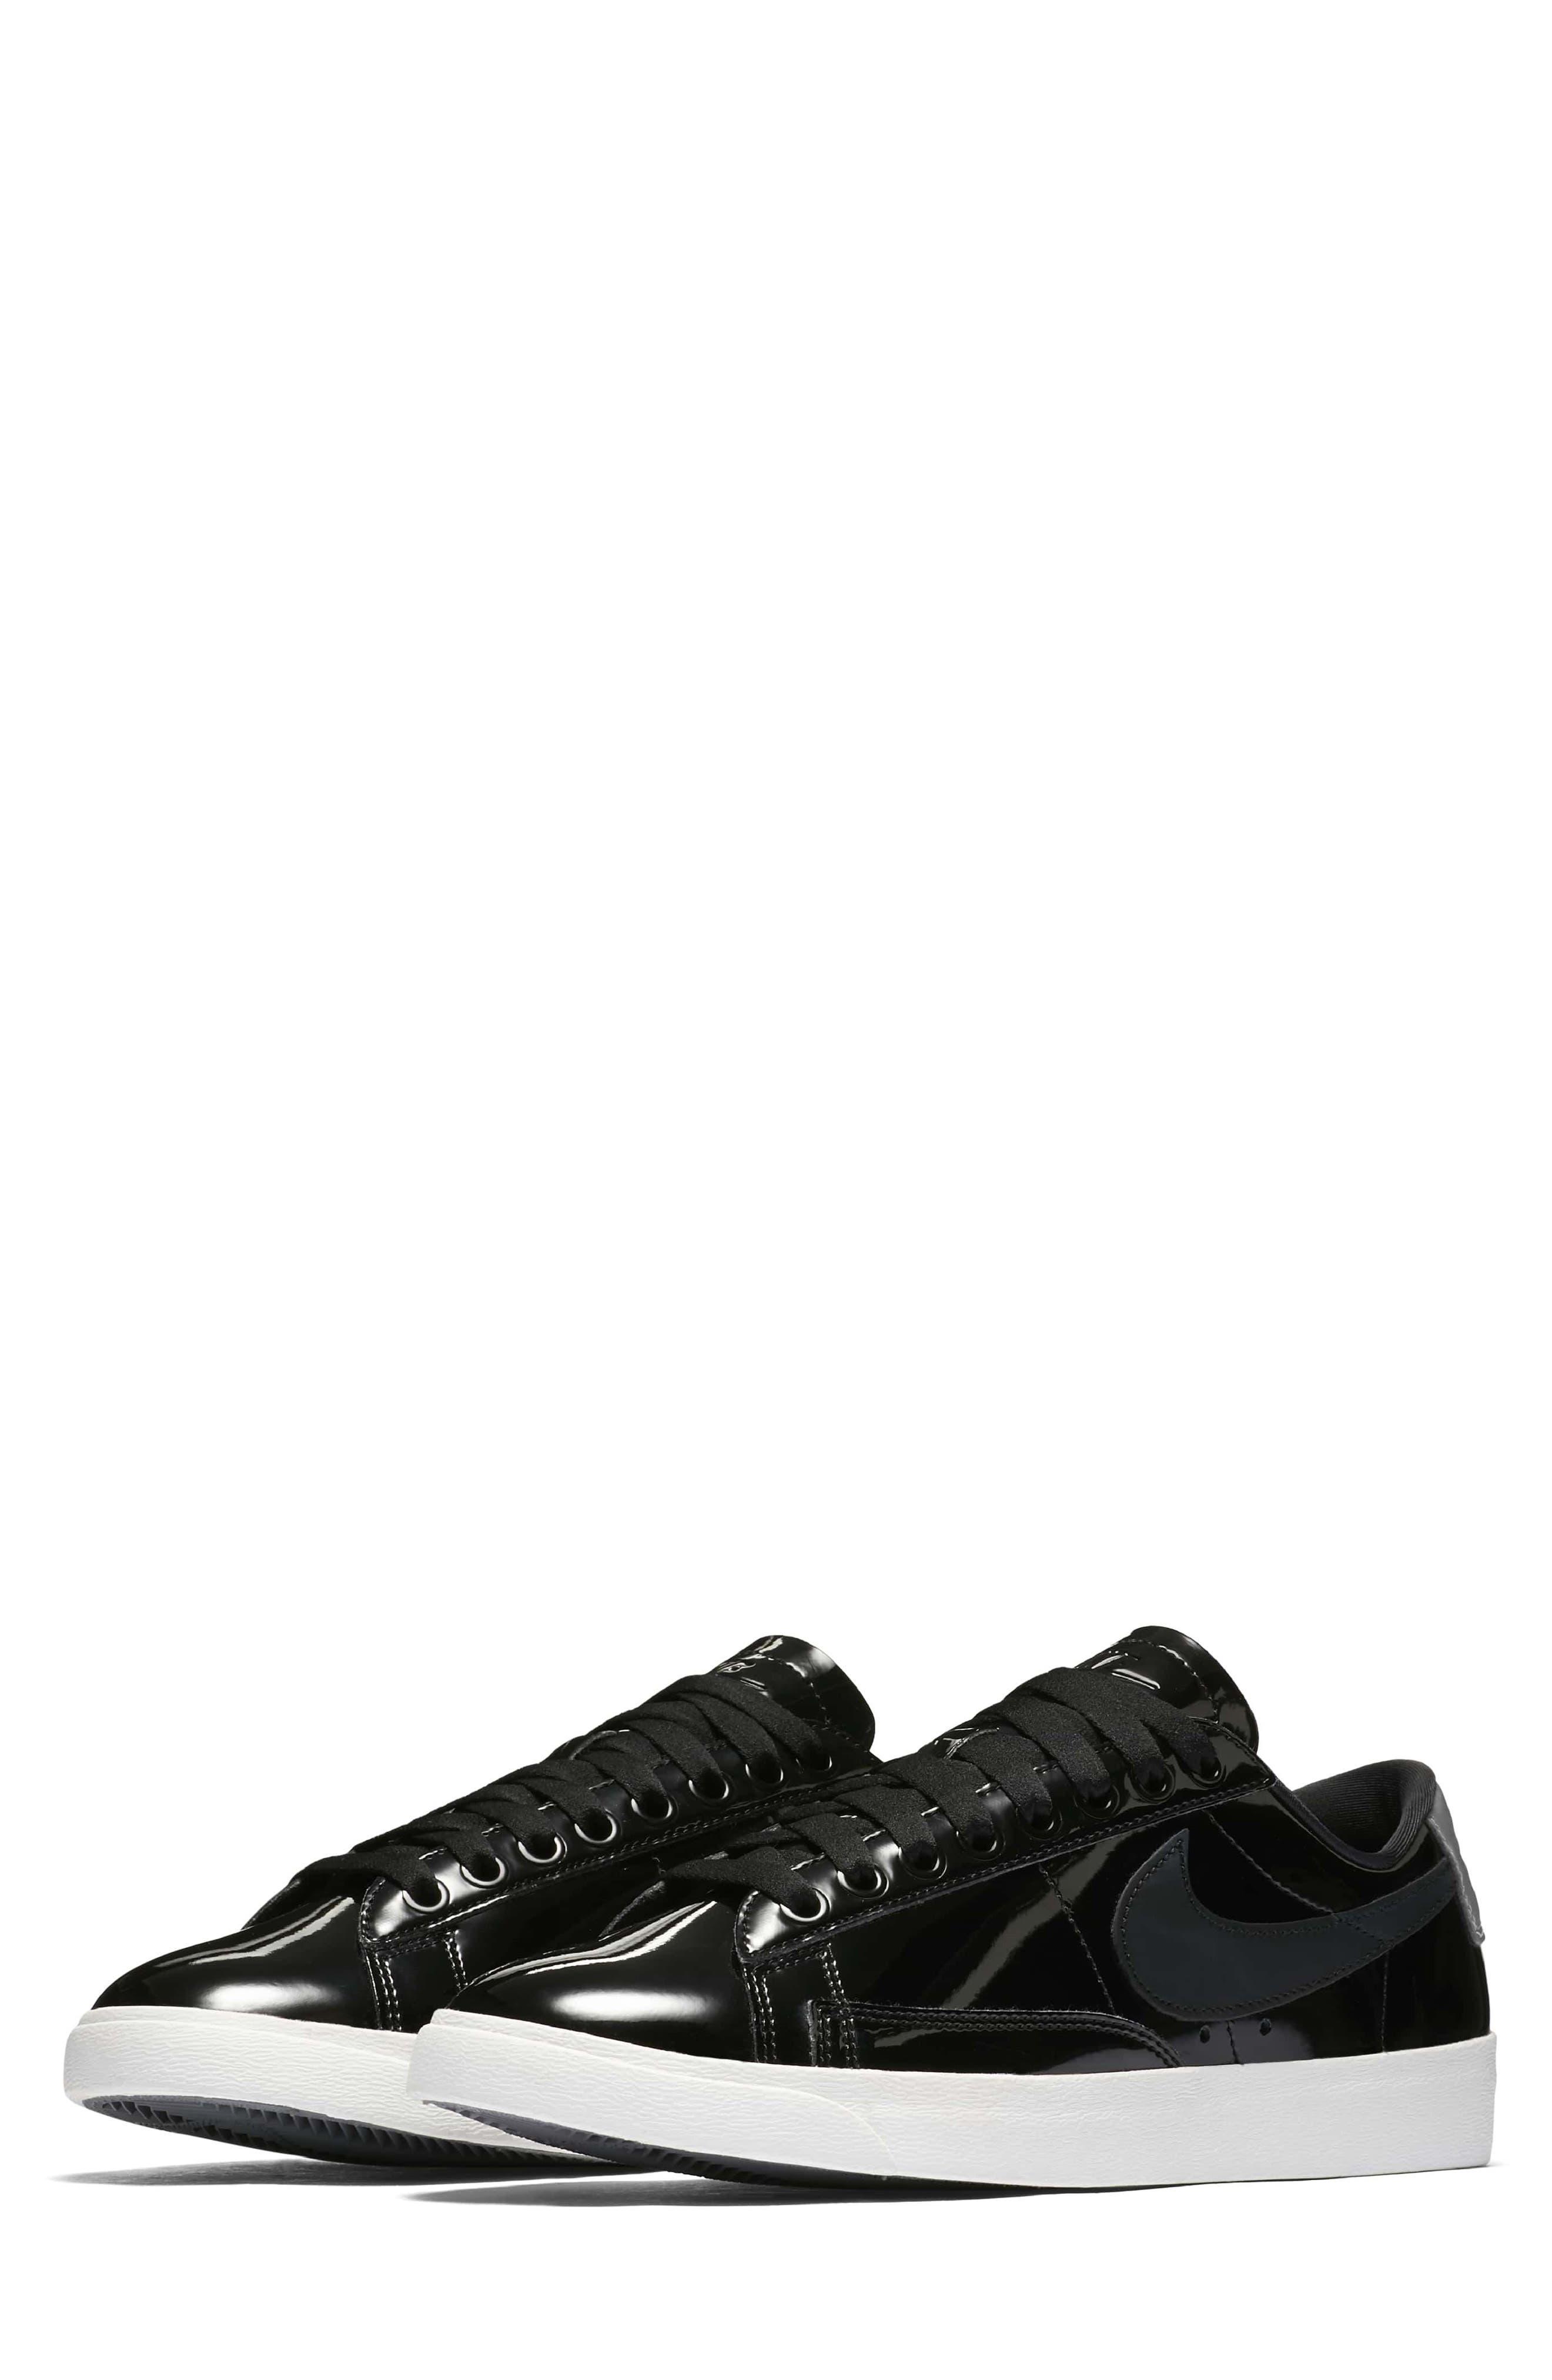 Blazer Low Top Sneaker SE,                             Main thumbnail 1, color,                             Black/ Black Reflect Silver